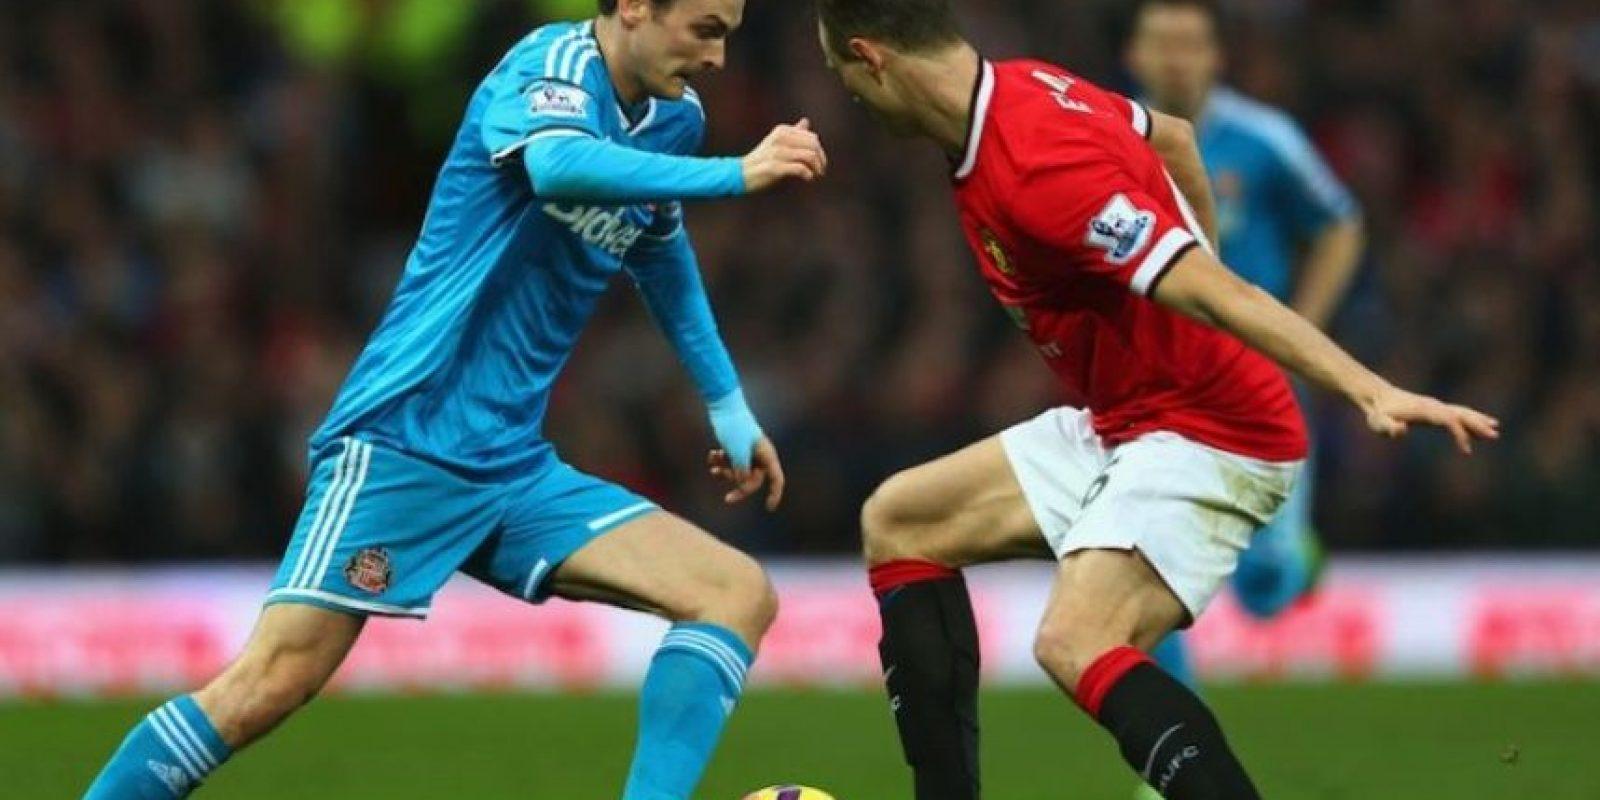 Adam se formó en las inferiores del Middlesbrough. Foto:Getty Images